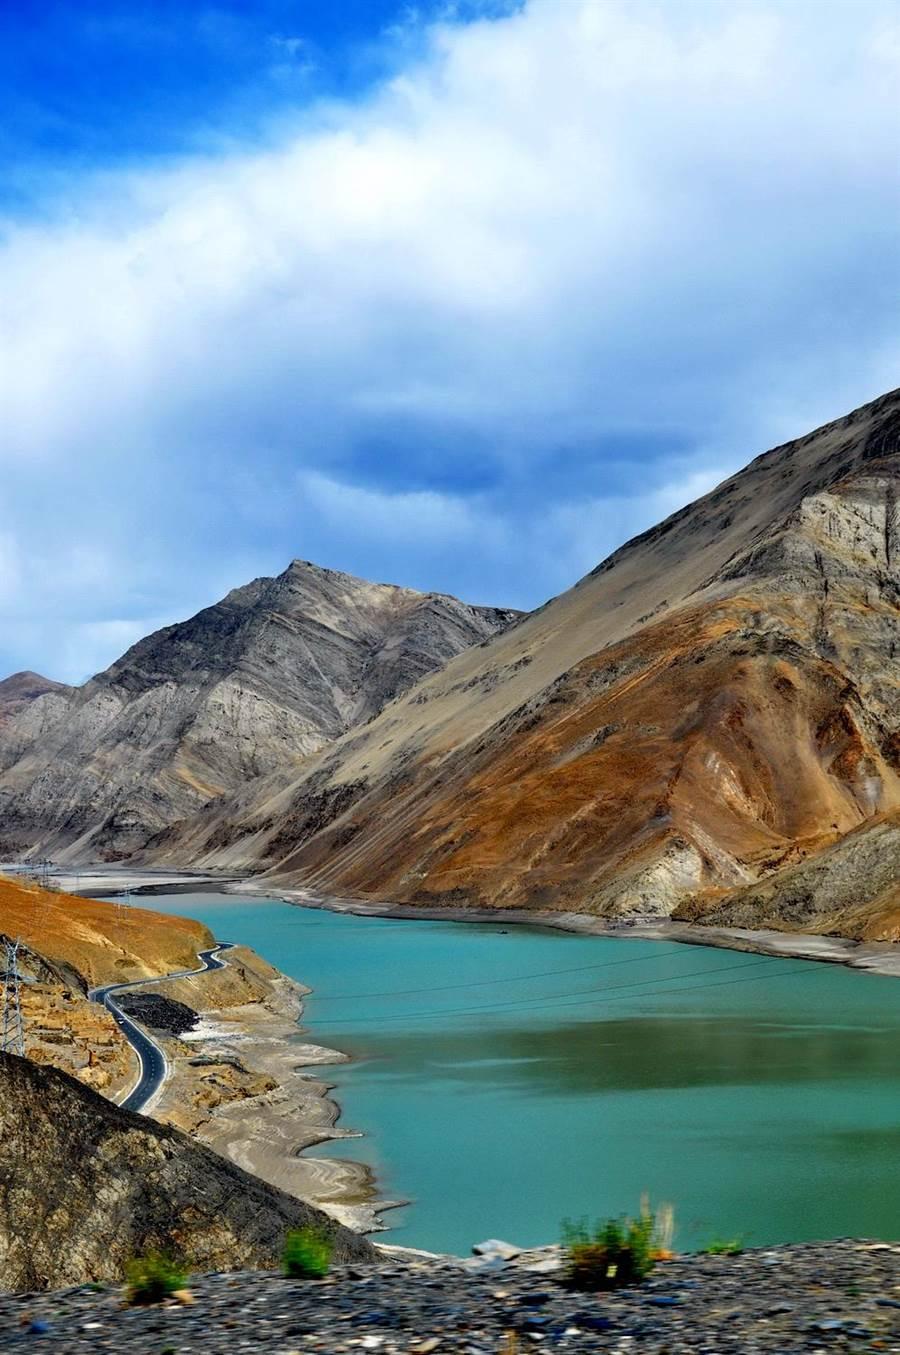 日喀則的藏民認為魚是他們的祖宗,所以湖中的魚當然不能隨便吃。(圖片/維基百科)